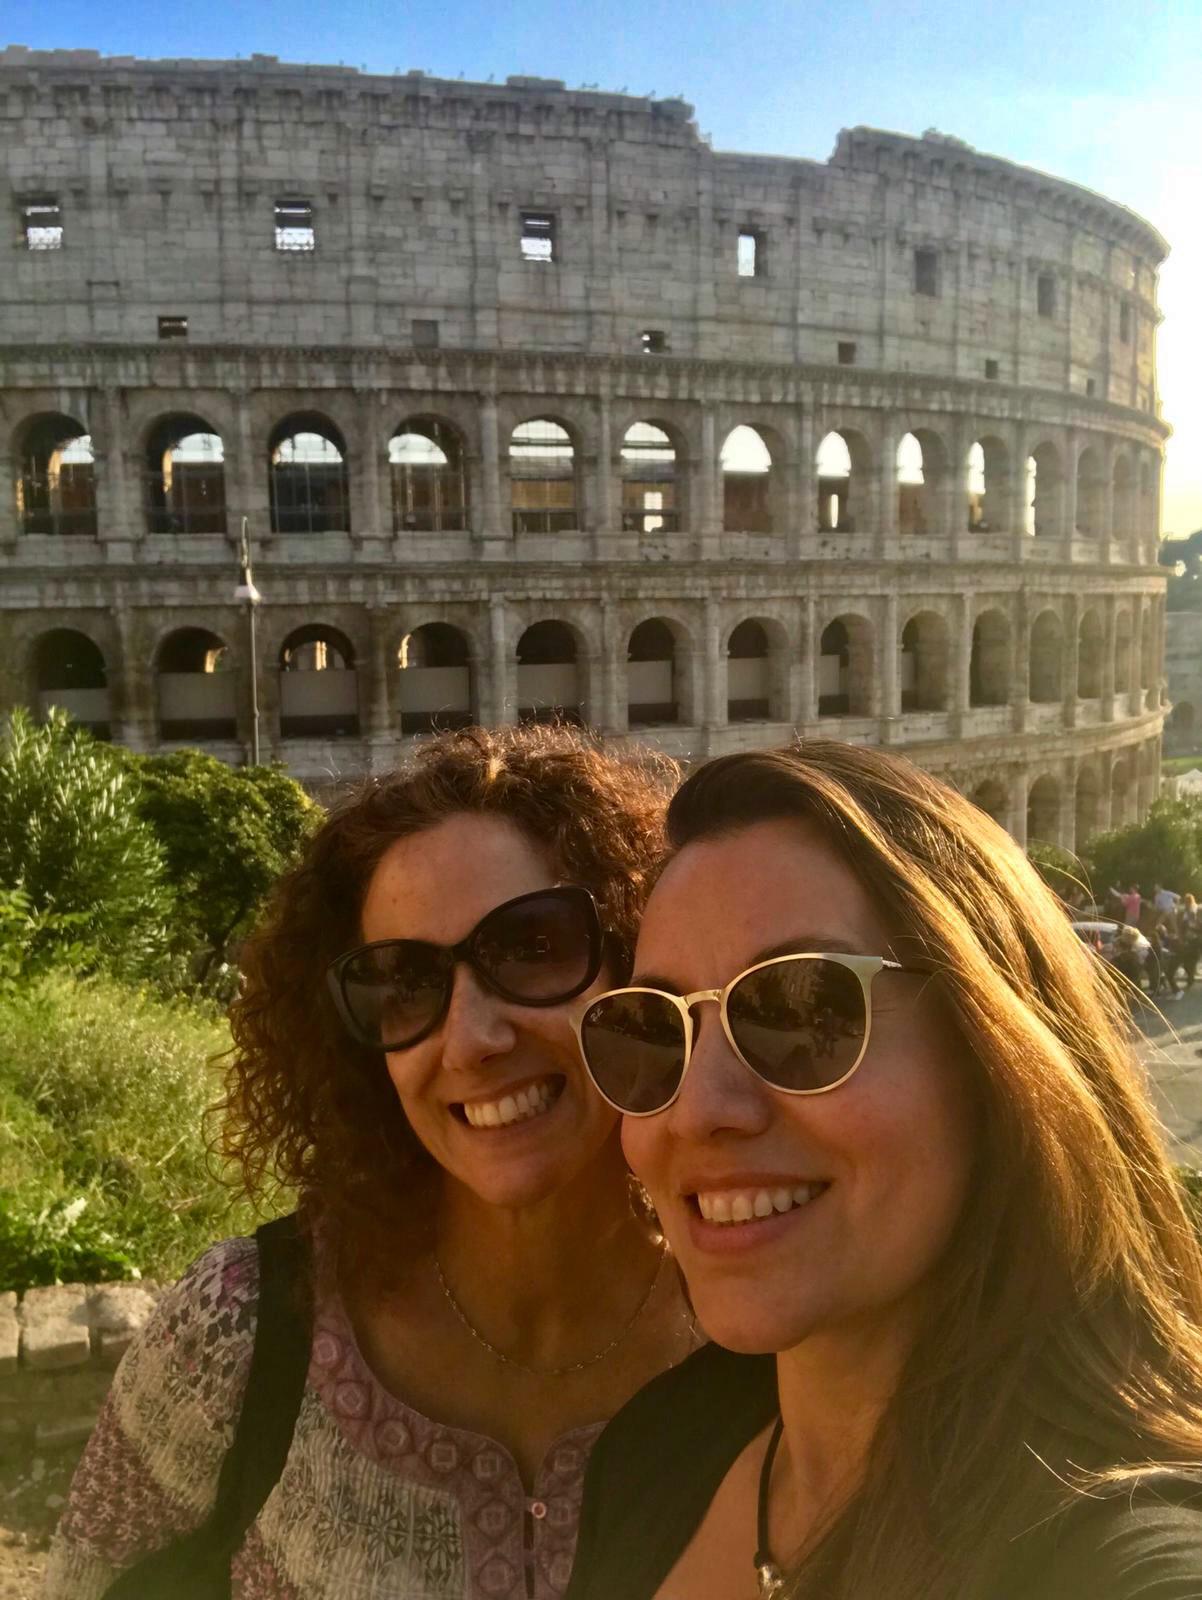 Una tarde en Monti. Roma